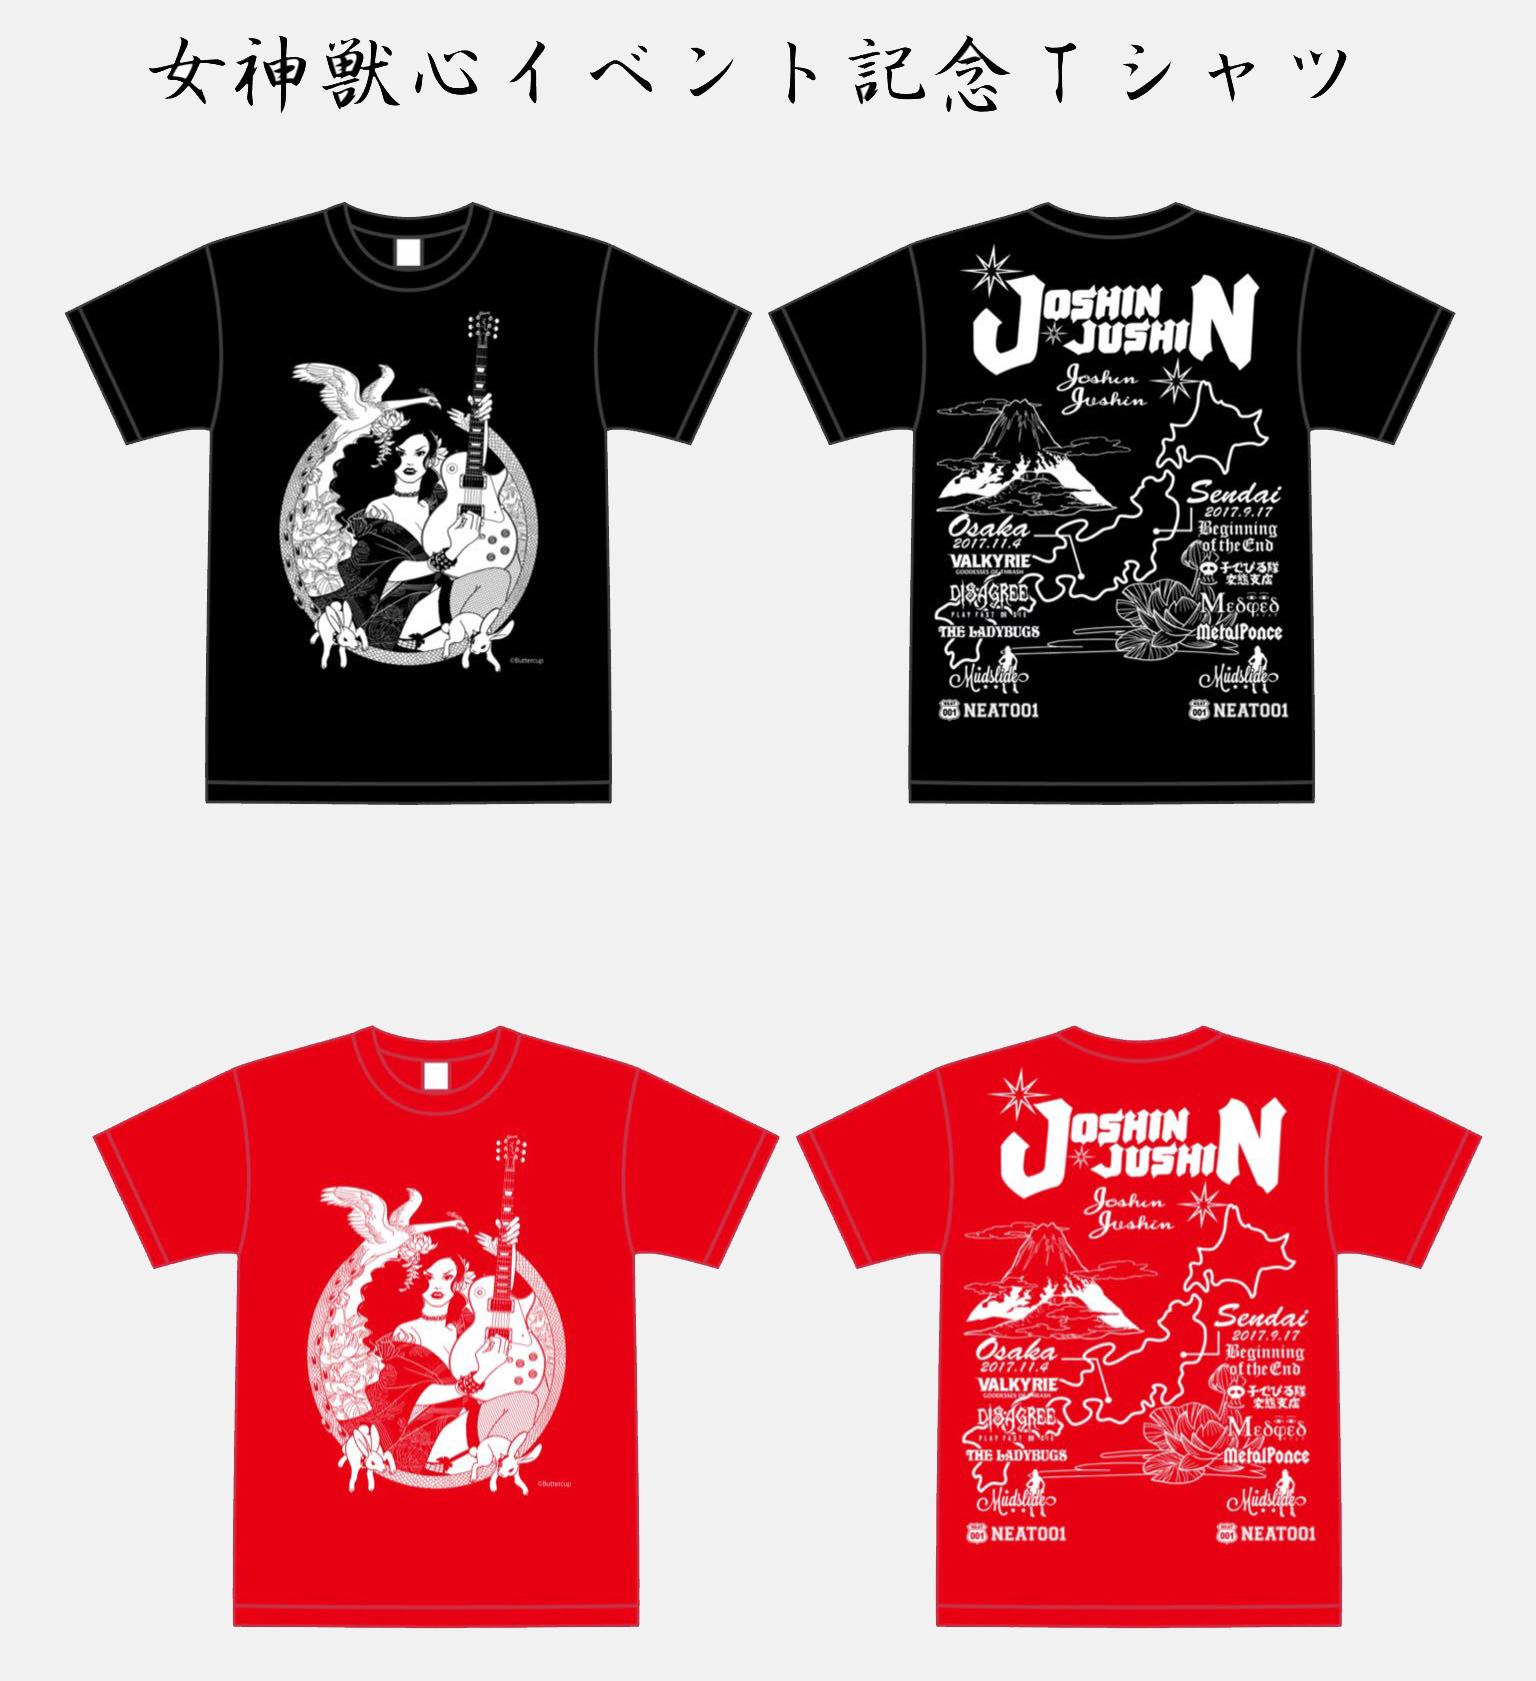 女神獣心グッズ_仙台大阪2017Tシャツ